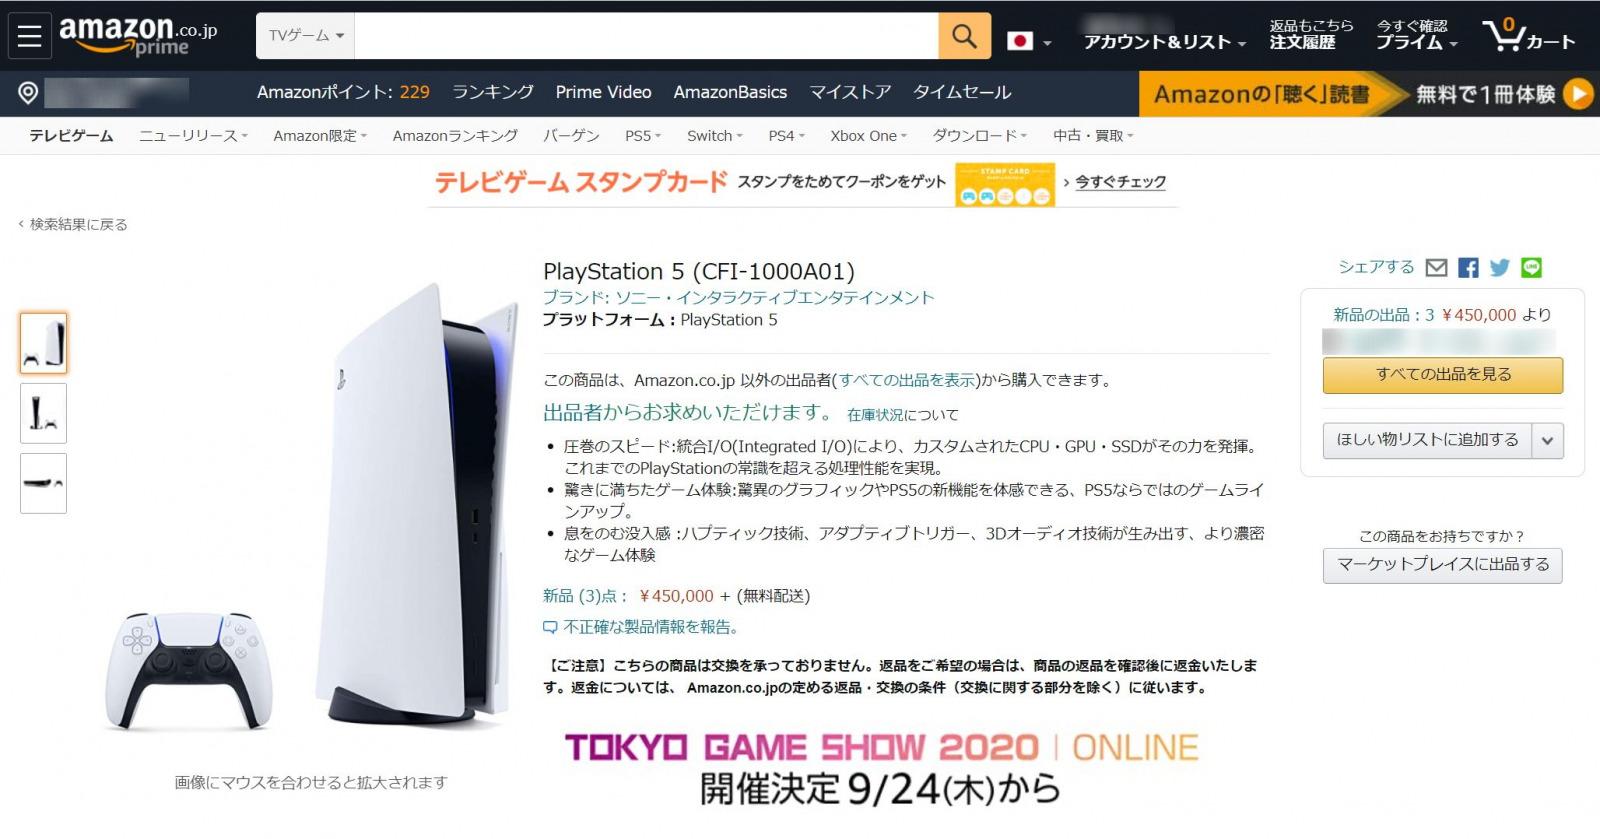 PS5がAmazonで一時50万円超! 現在はすべて削除となった転売ヤーと量販店の戦い